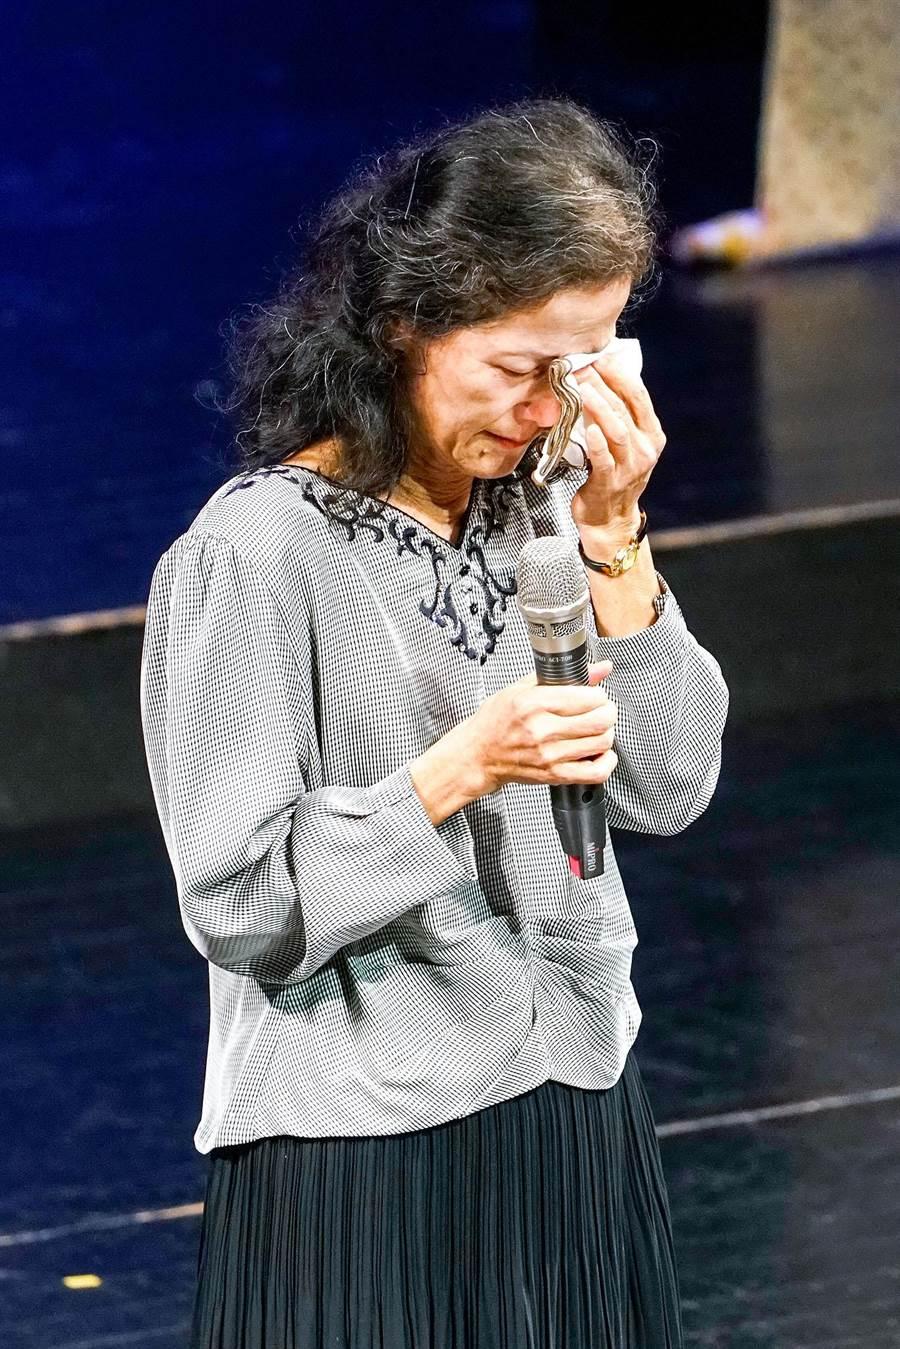 陳定南逝世10周年音樂會今天在宜蘭演藝廳舉行,陳定南遺孀張昭義致詞時,數度哽咽、拭淚。(李忠一攝)